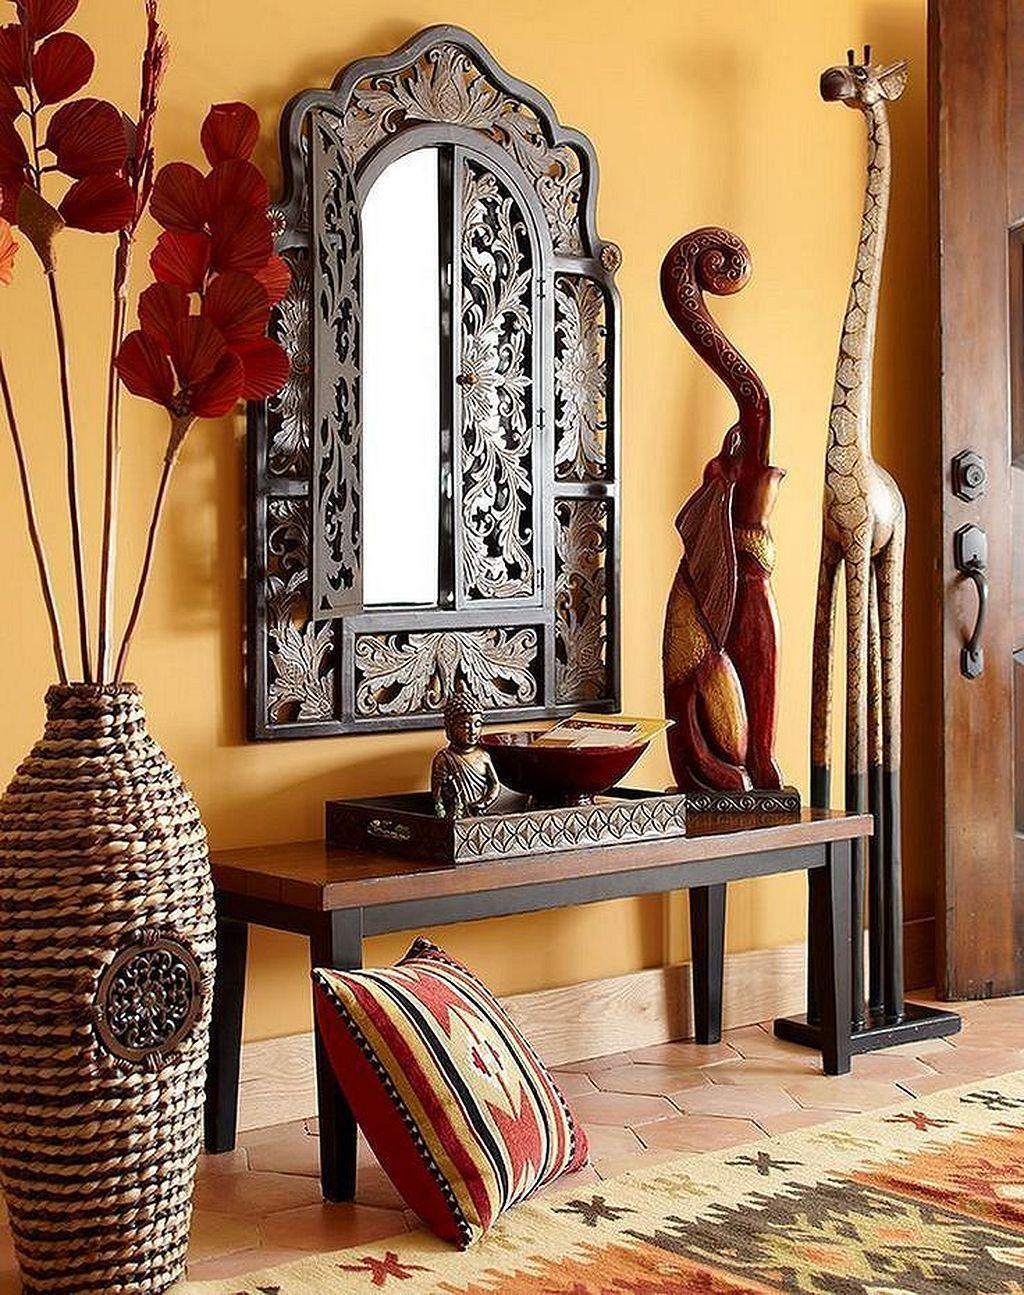 Épinglé par Mode Afro sur Décoration africaine  Deco ethnique